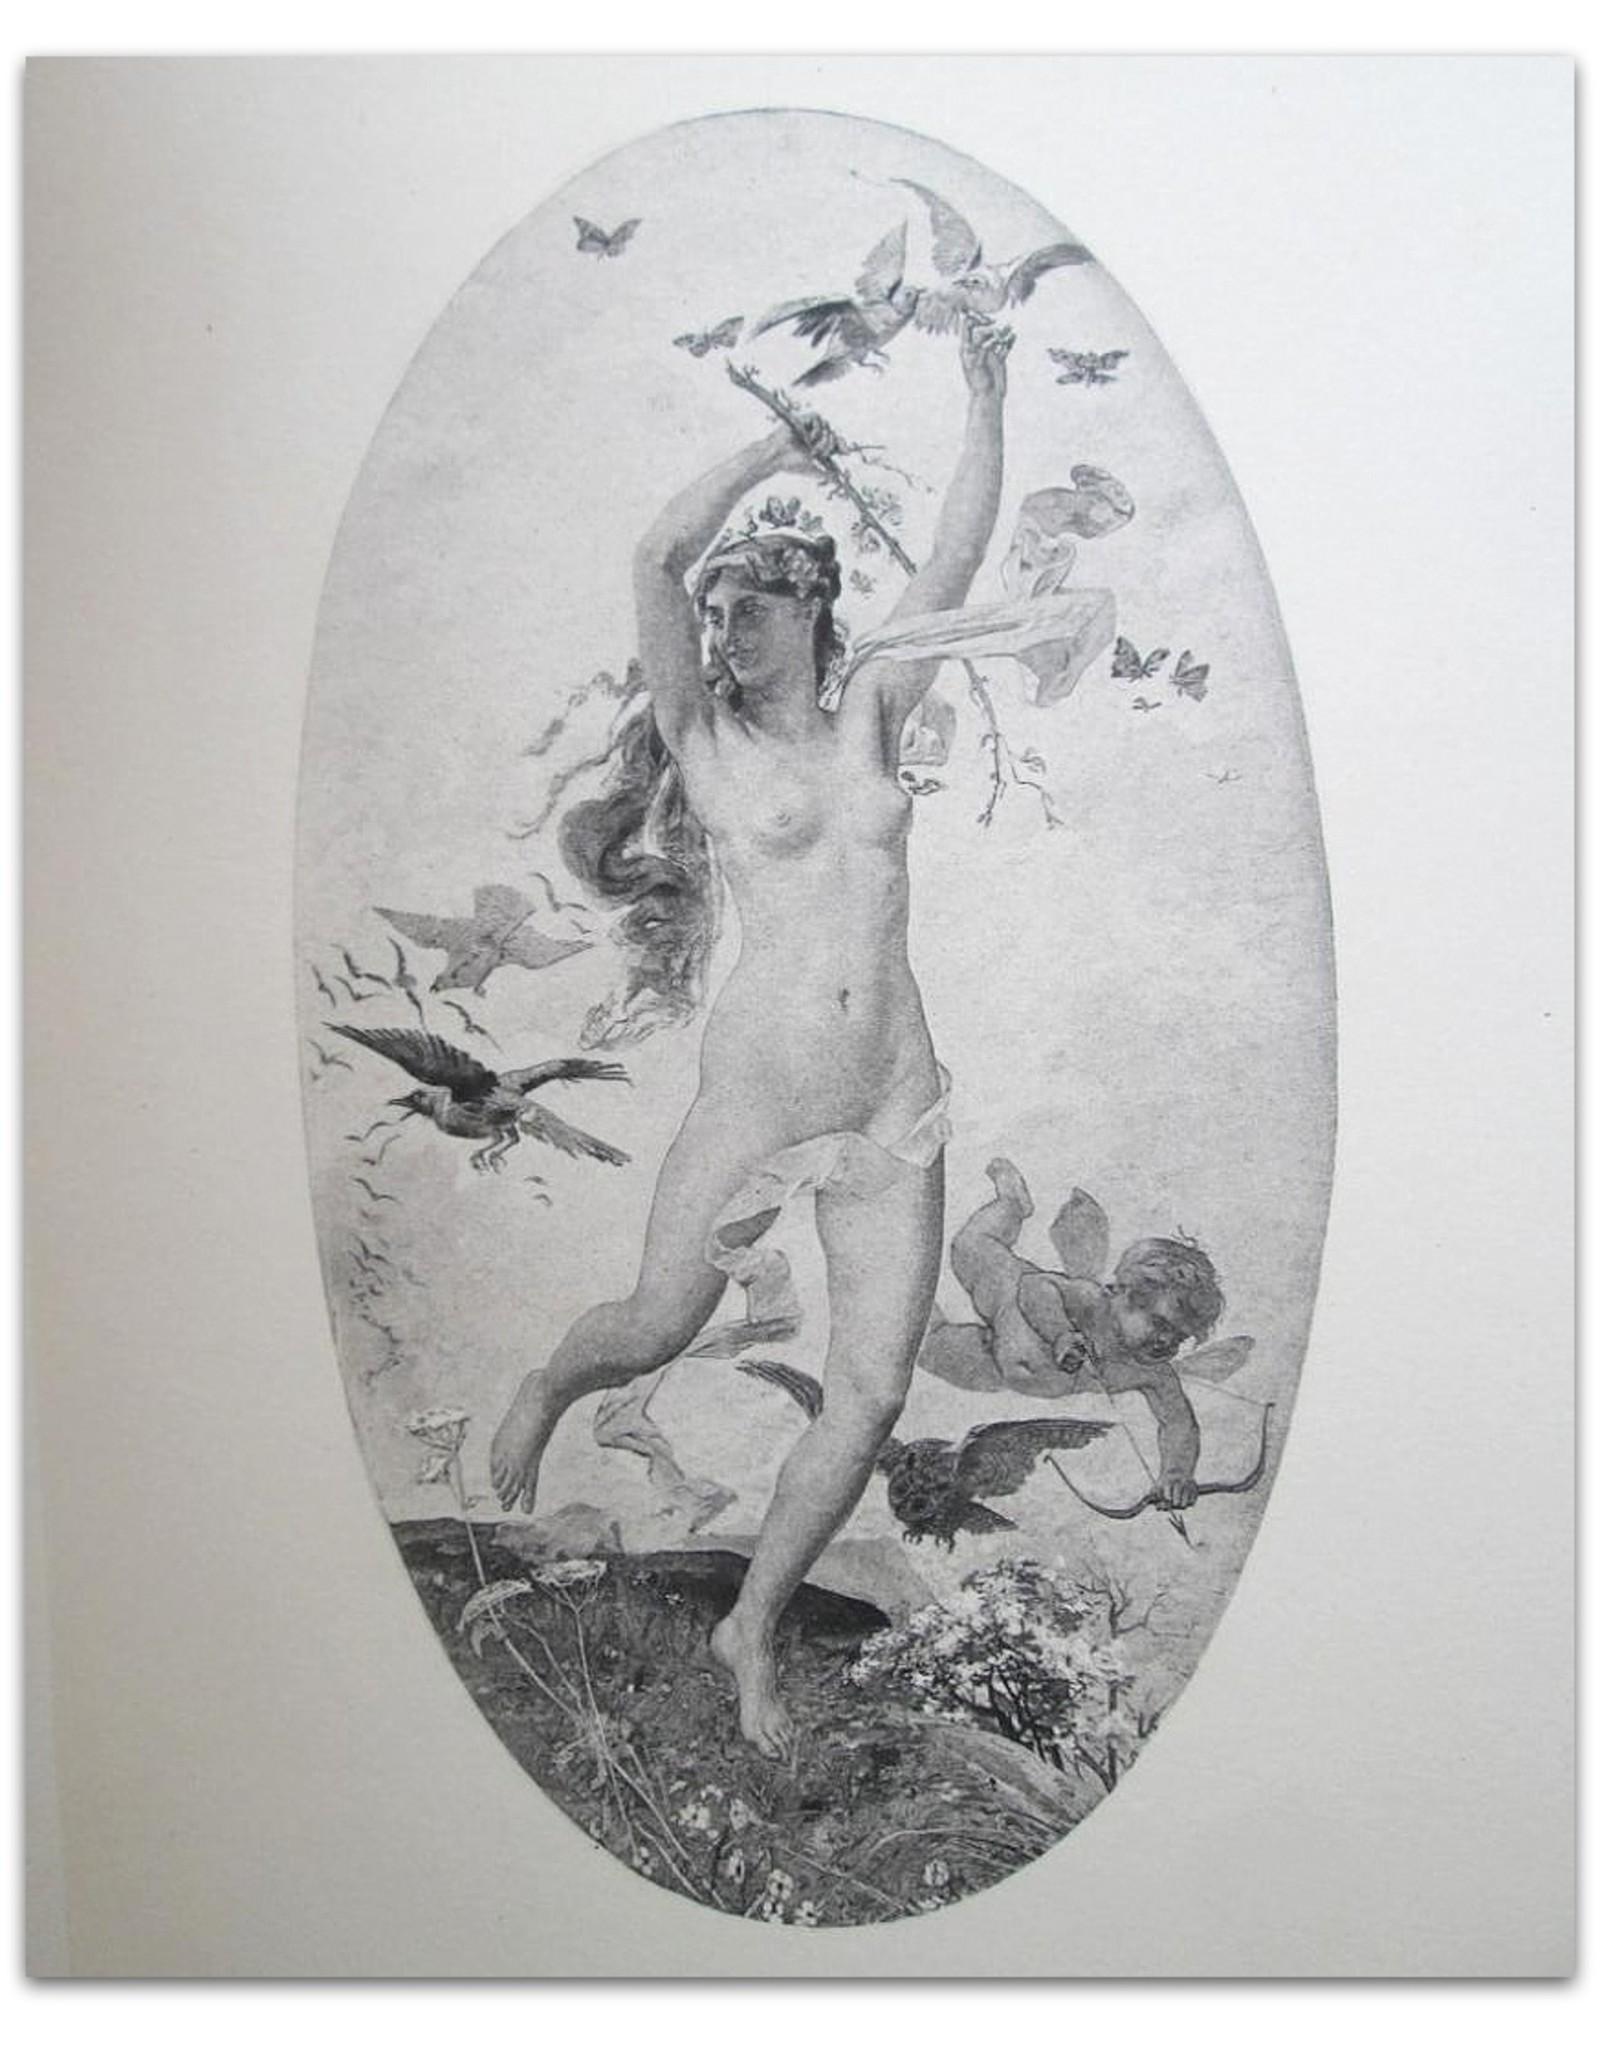 Eugène Montrosier - Les Artistes Modernes